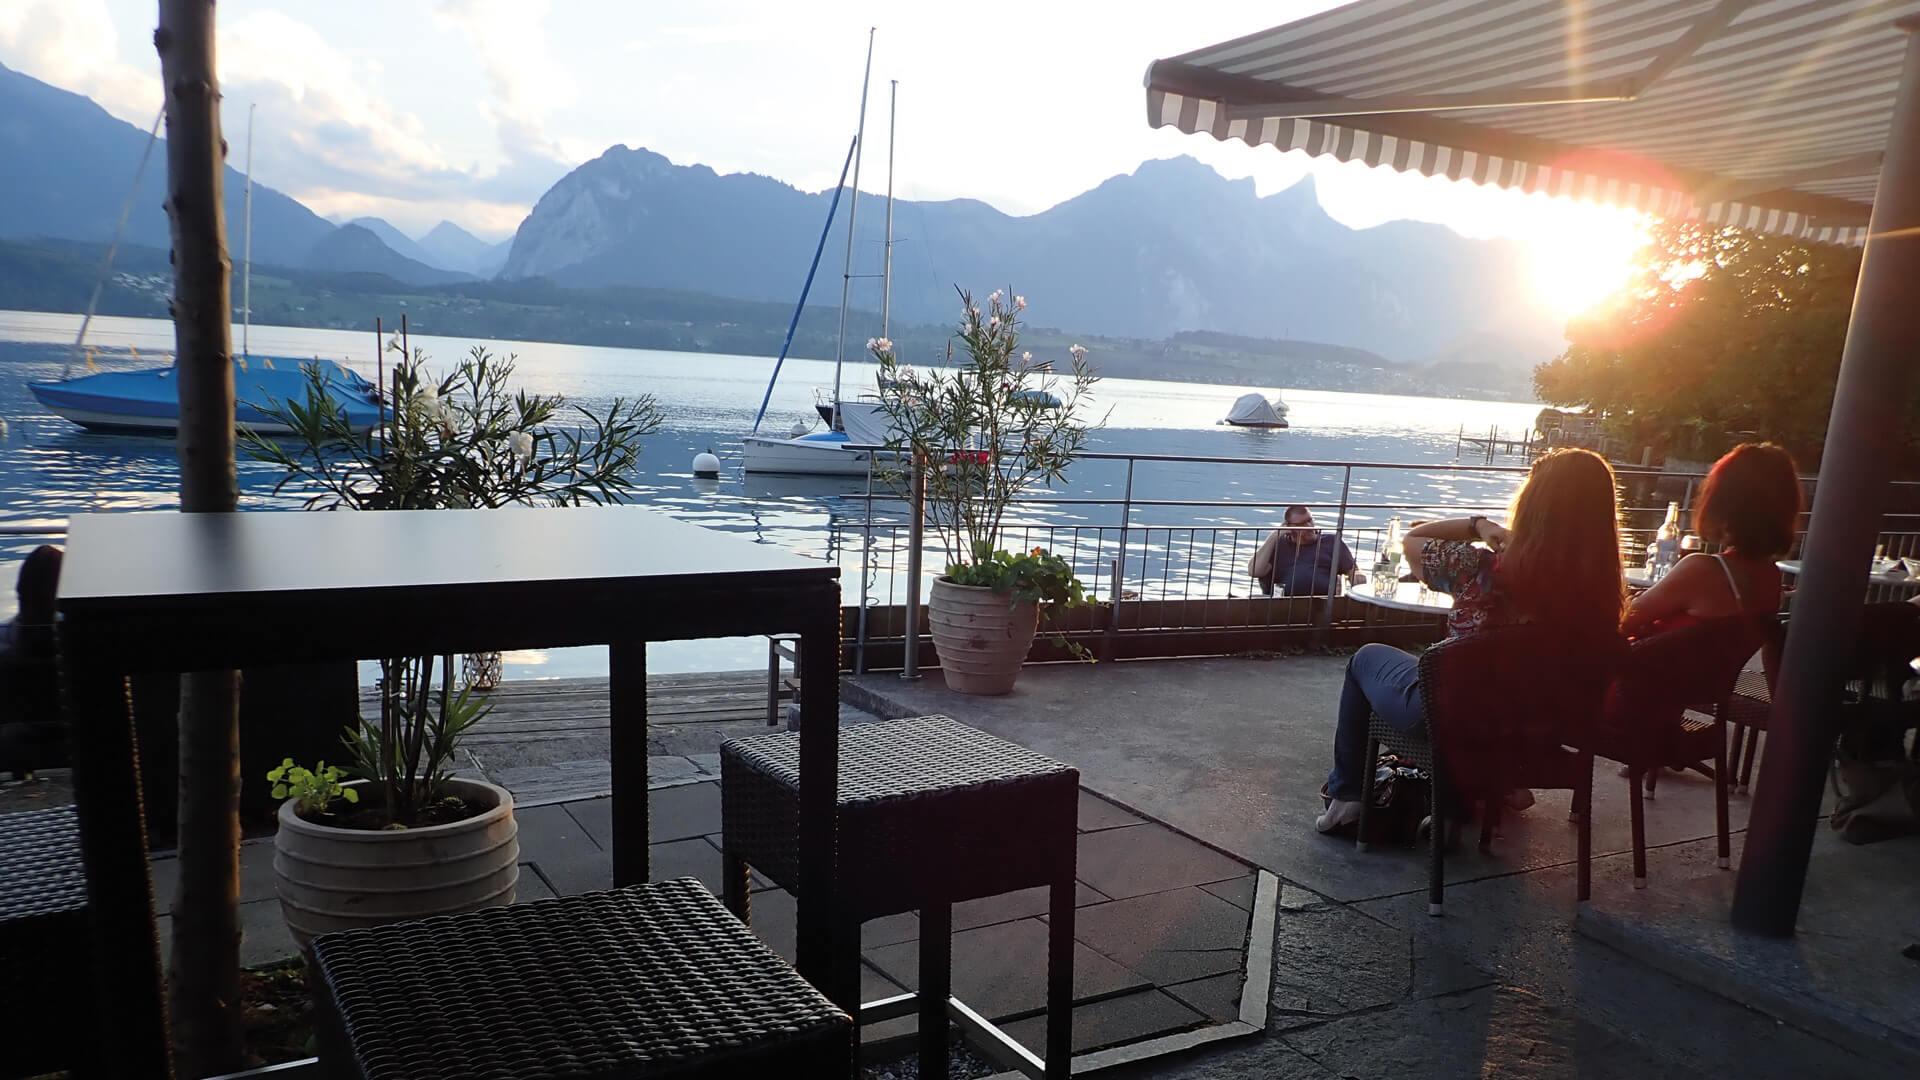 edenbeach_restaurant-terrasse